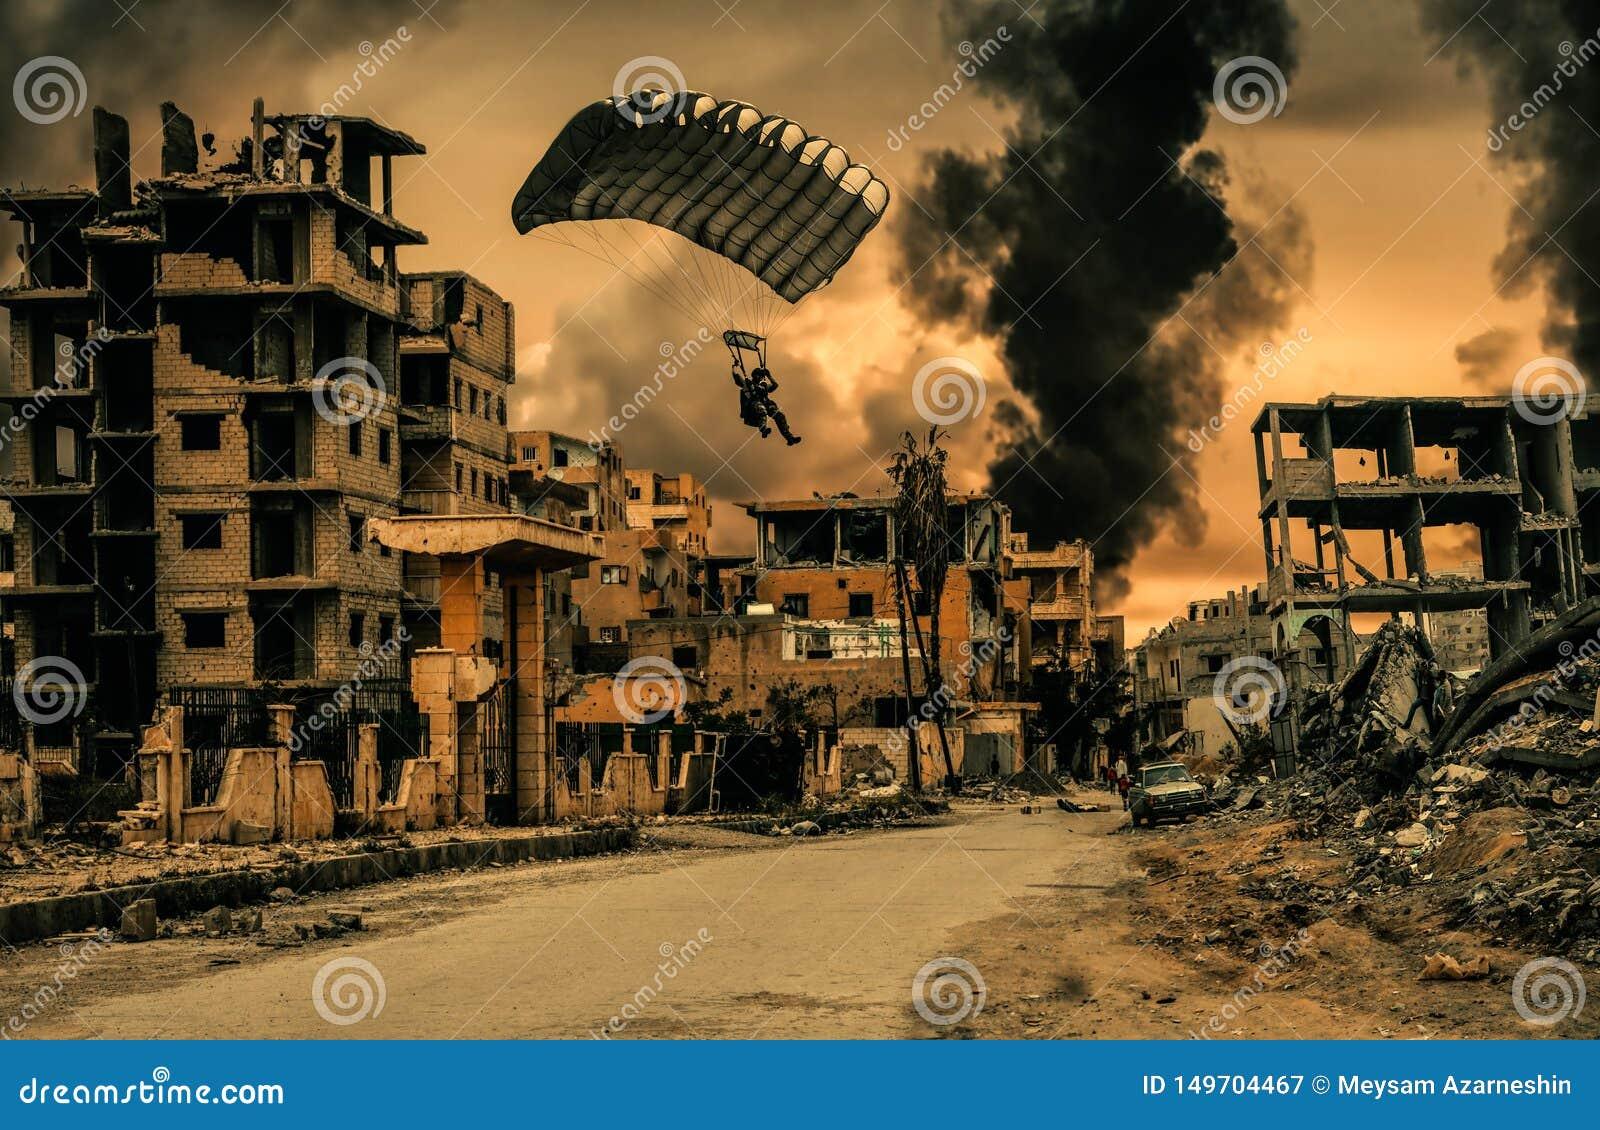 Den militära soldaten med hoppa fallskärm i förstörd stad